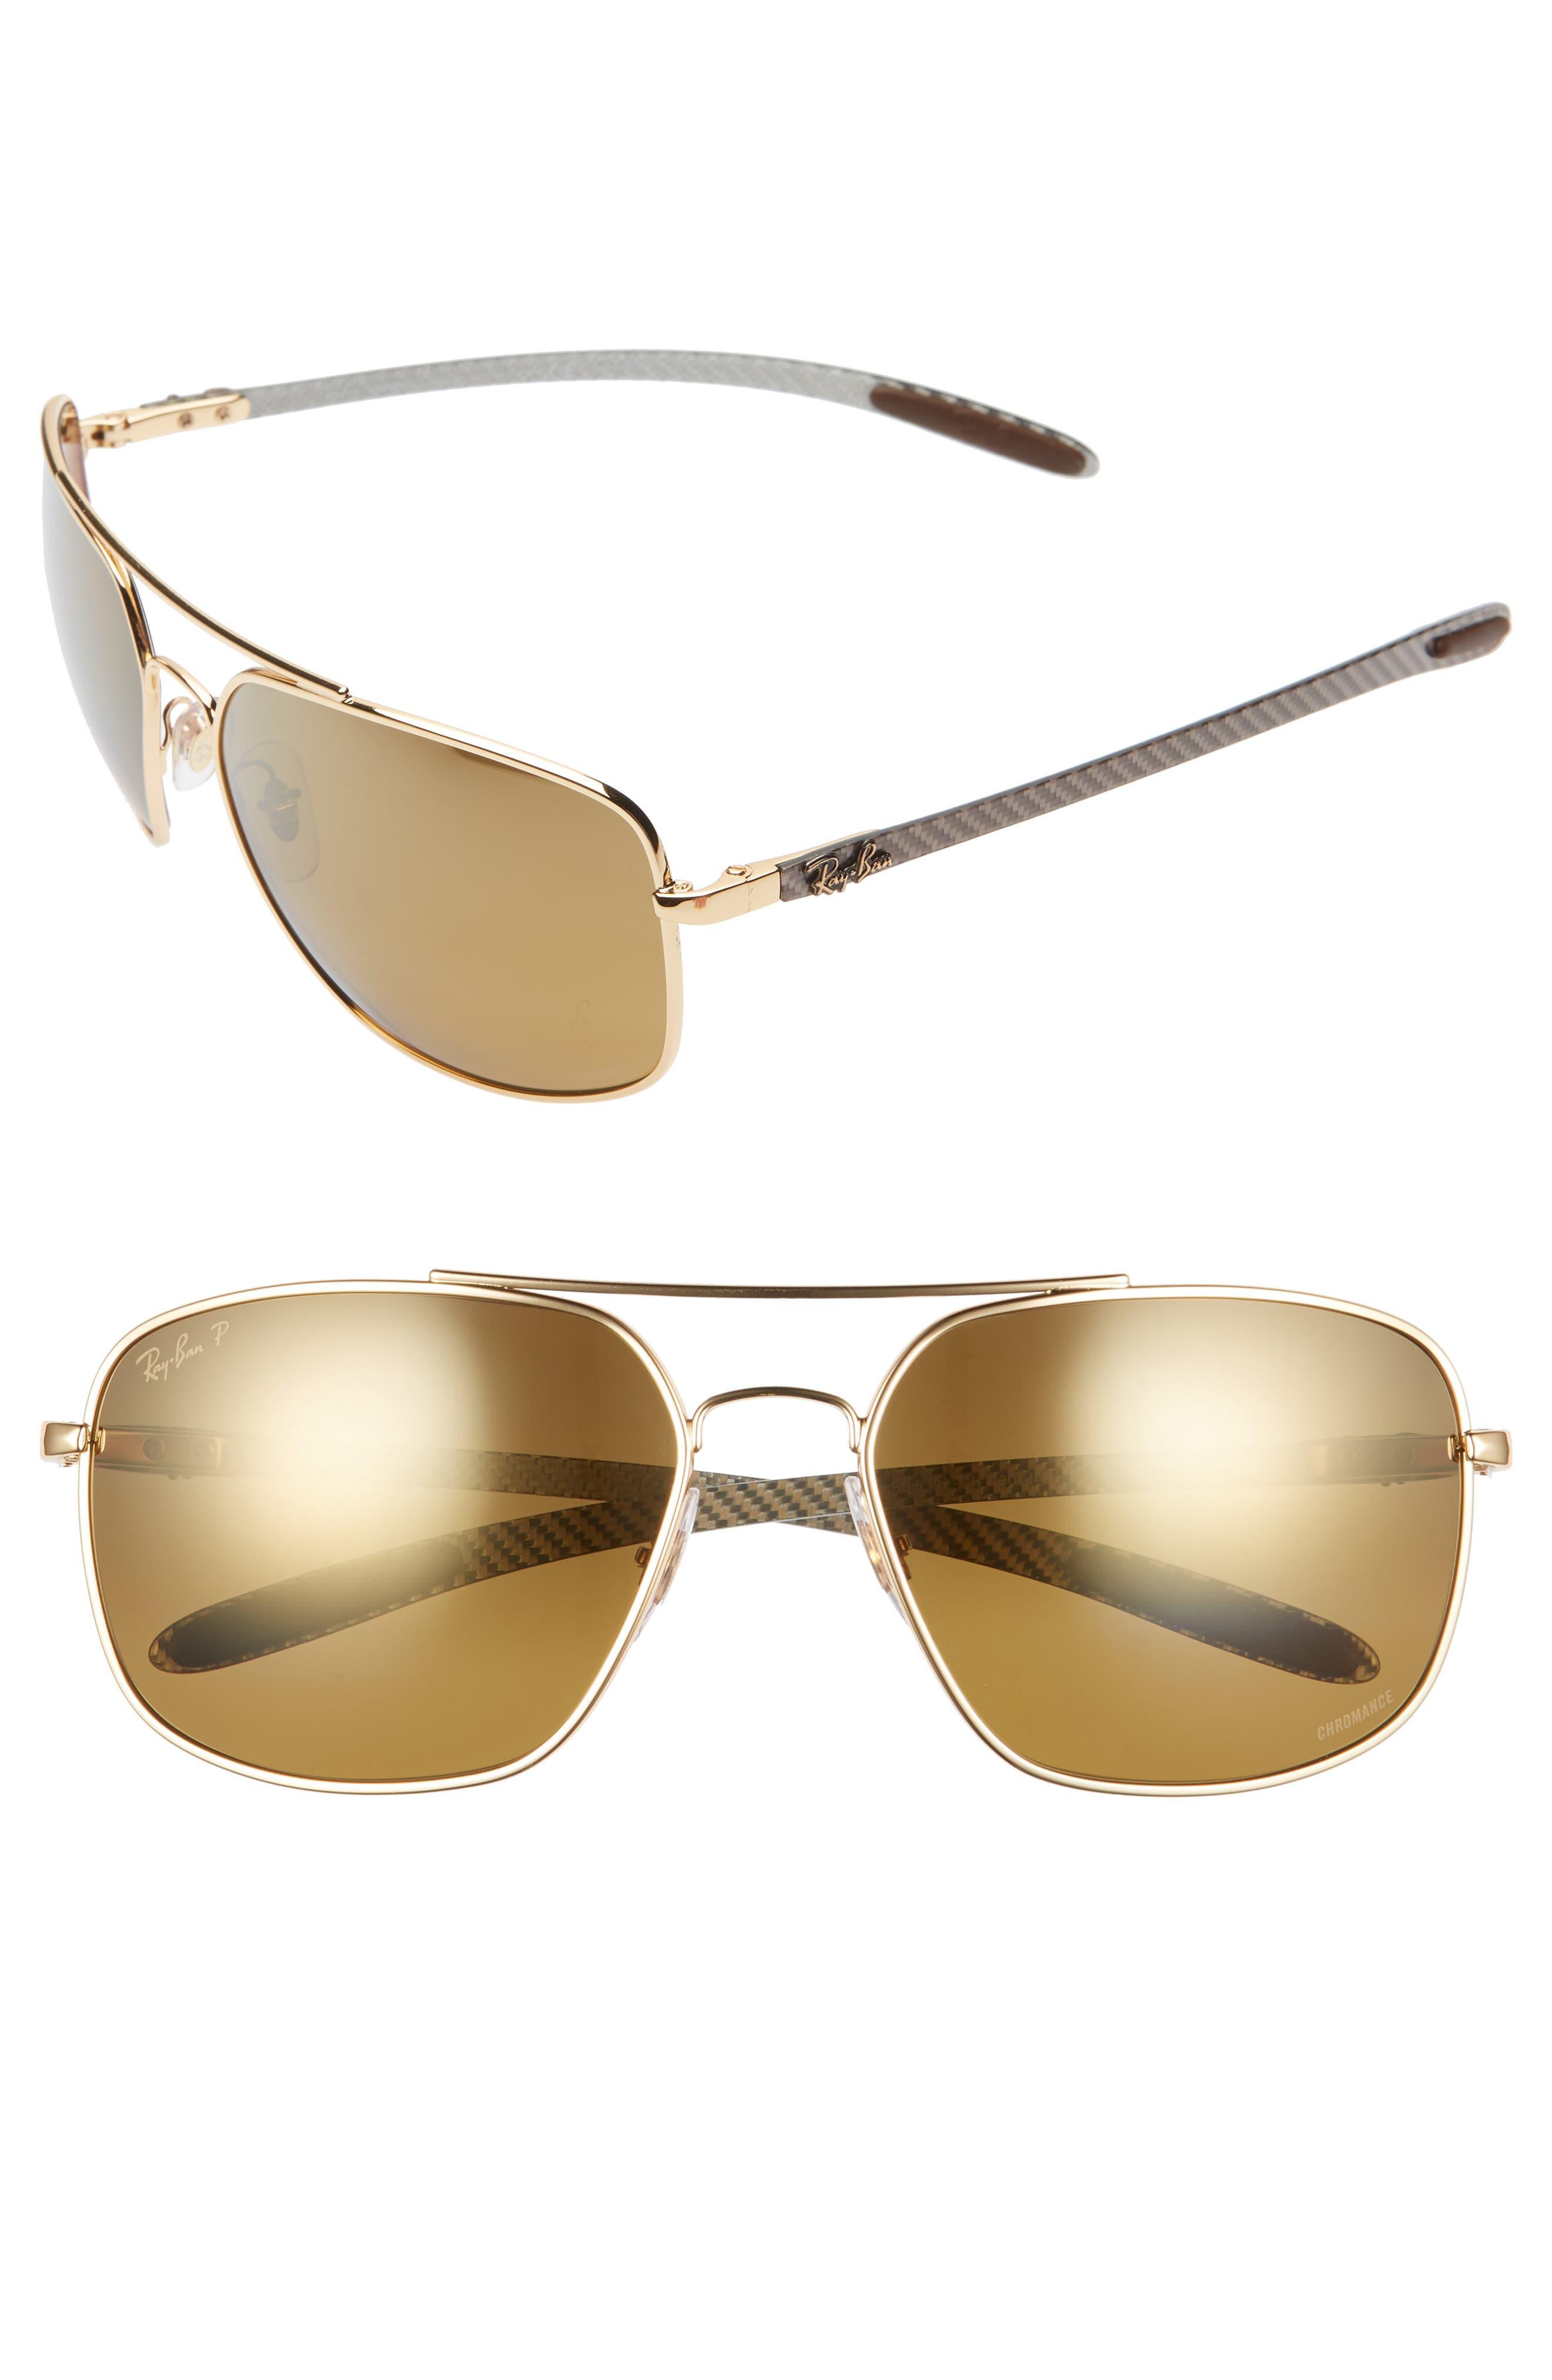 Ray-Ban 62Mm Polarized Aviator Sunglasses -